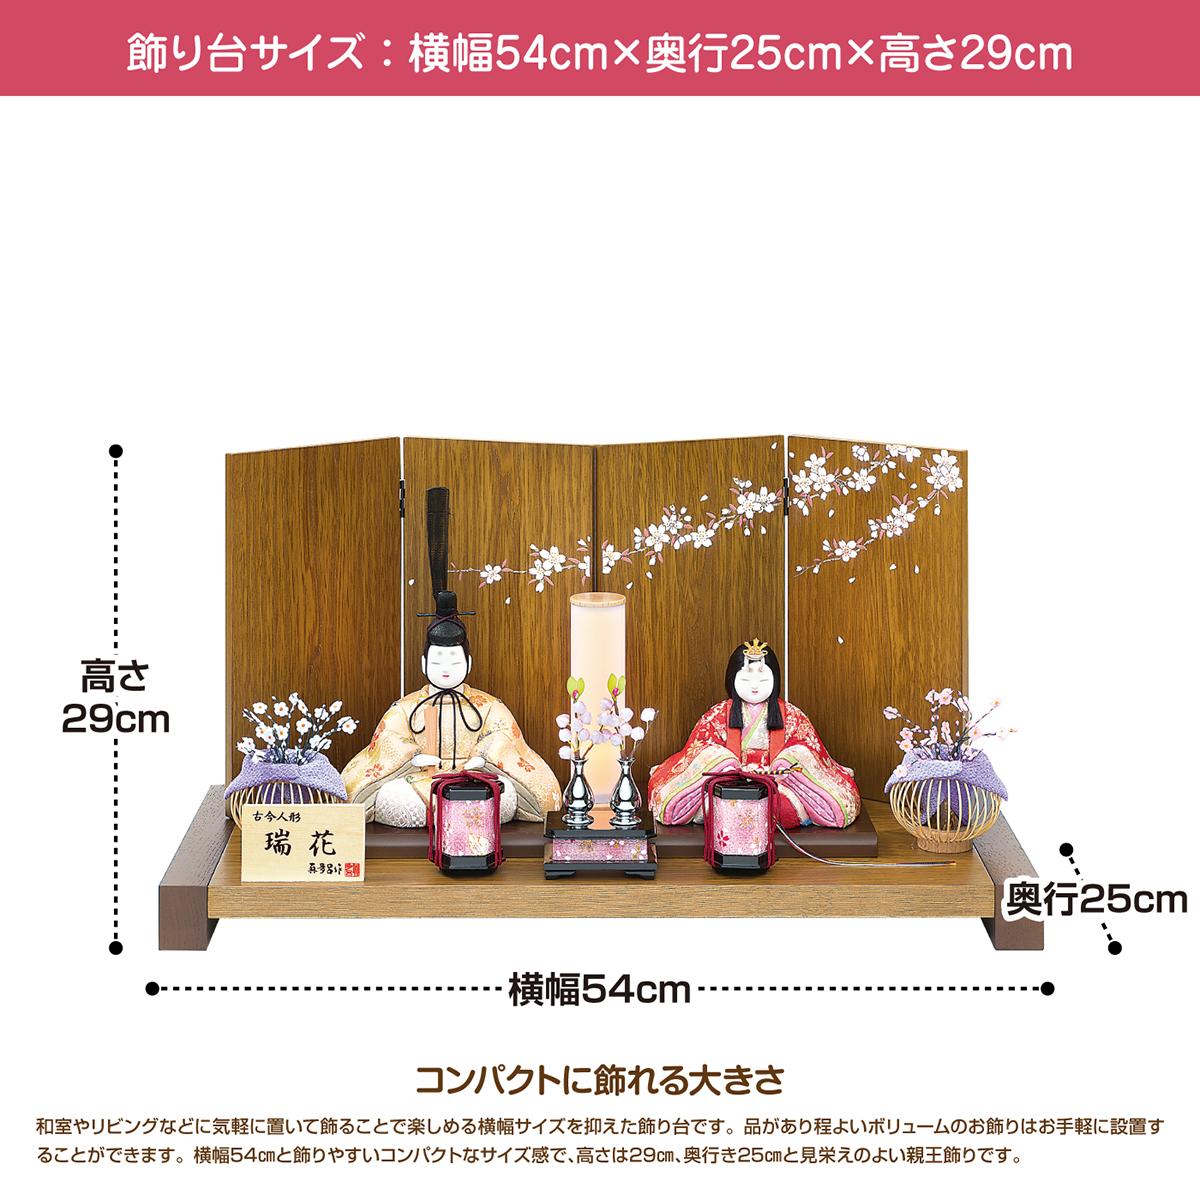 雛人形 飾る 日 2021